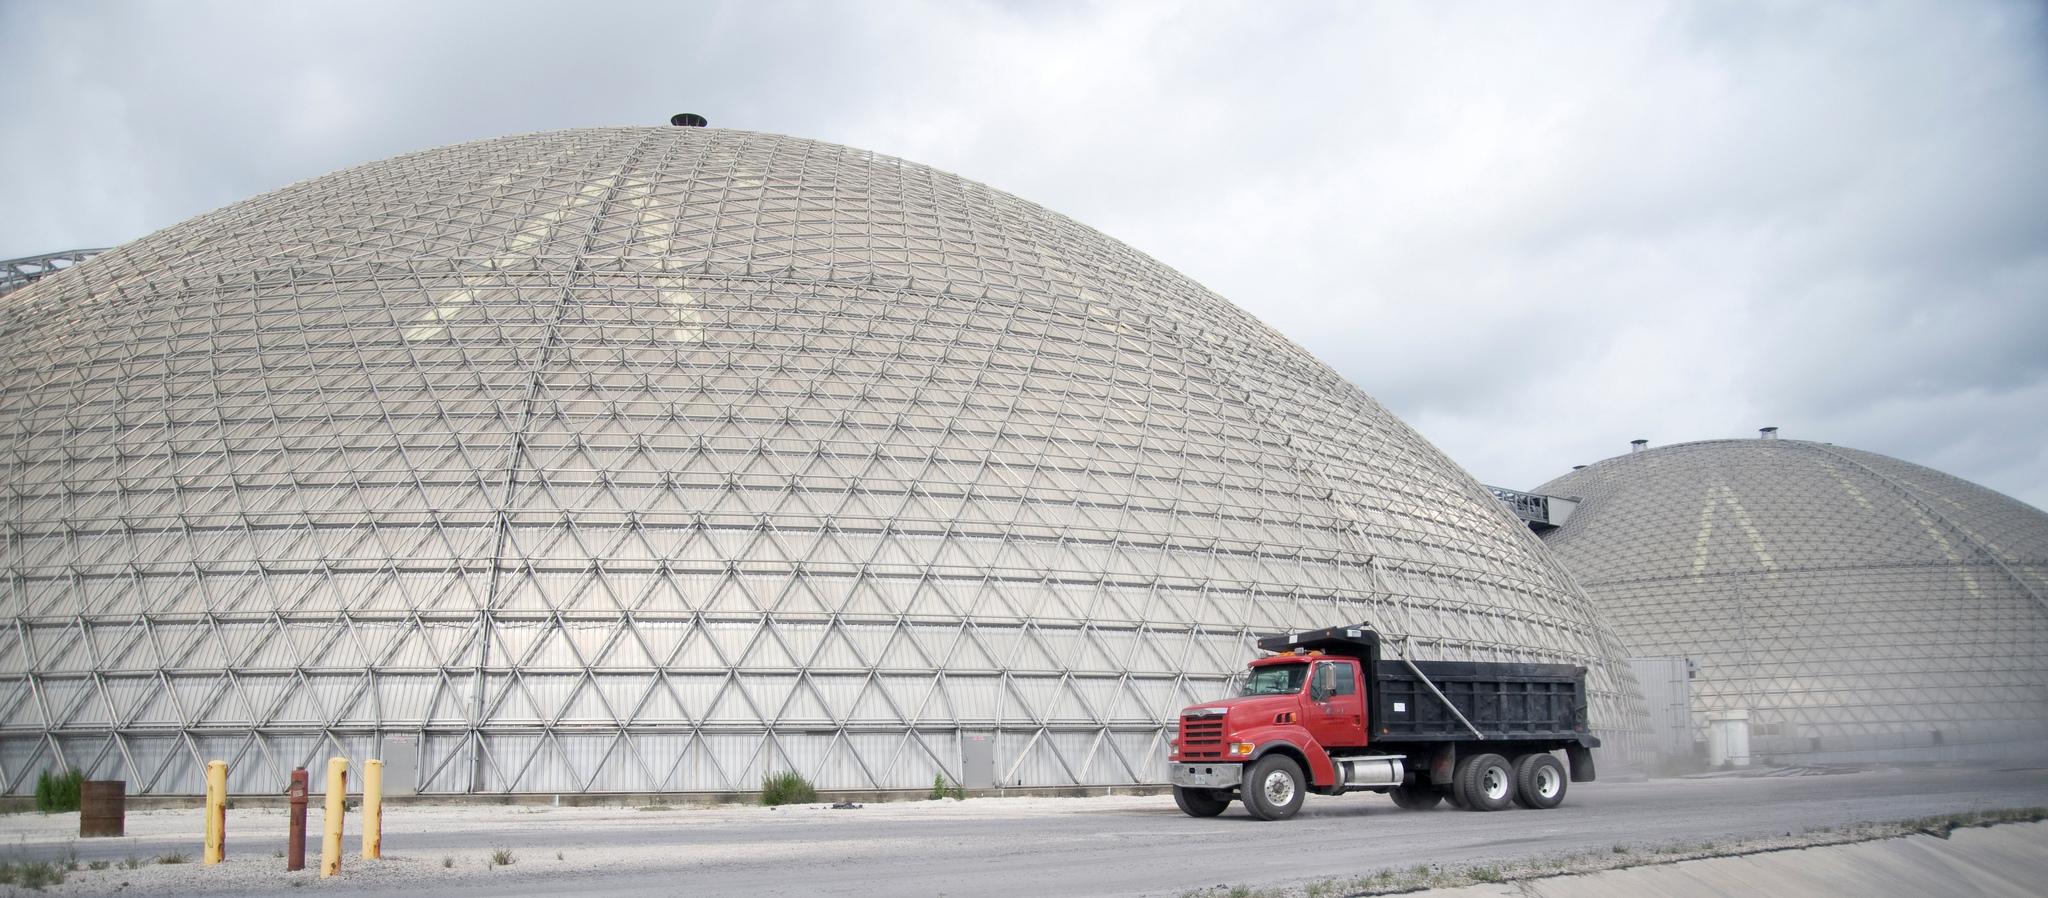 Jacksonville Electric Authority dos domos de 122m para almacenamiento de coque.